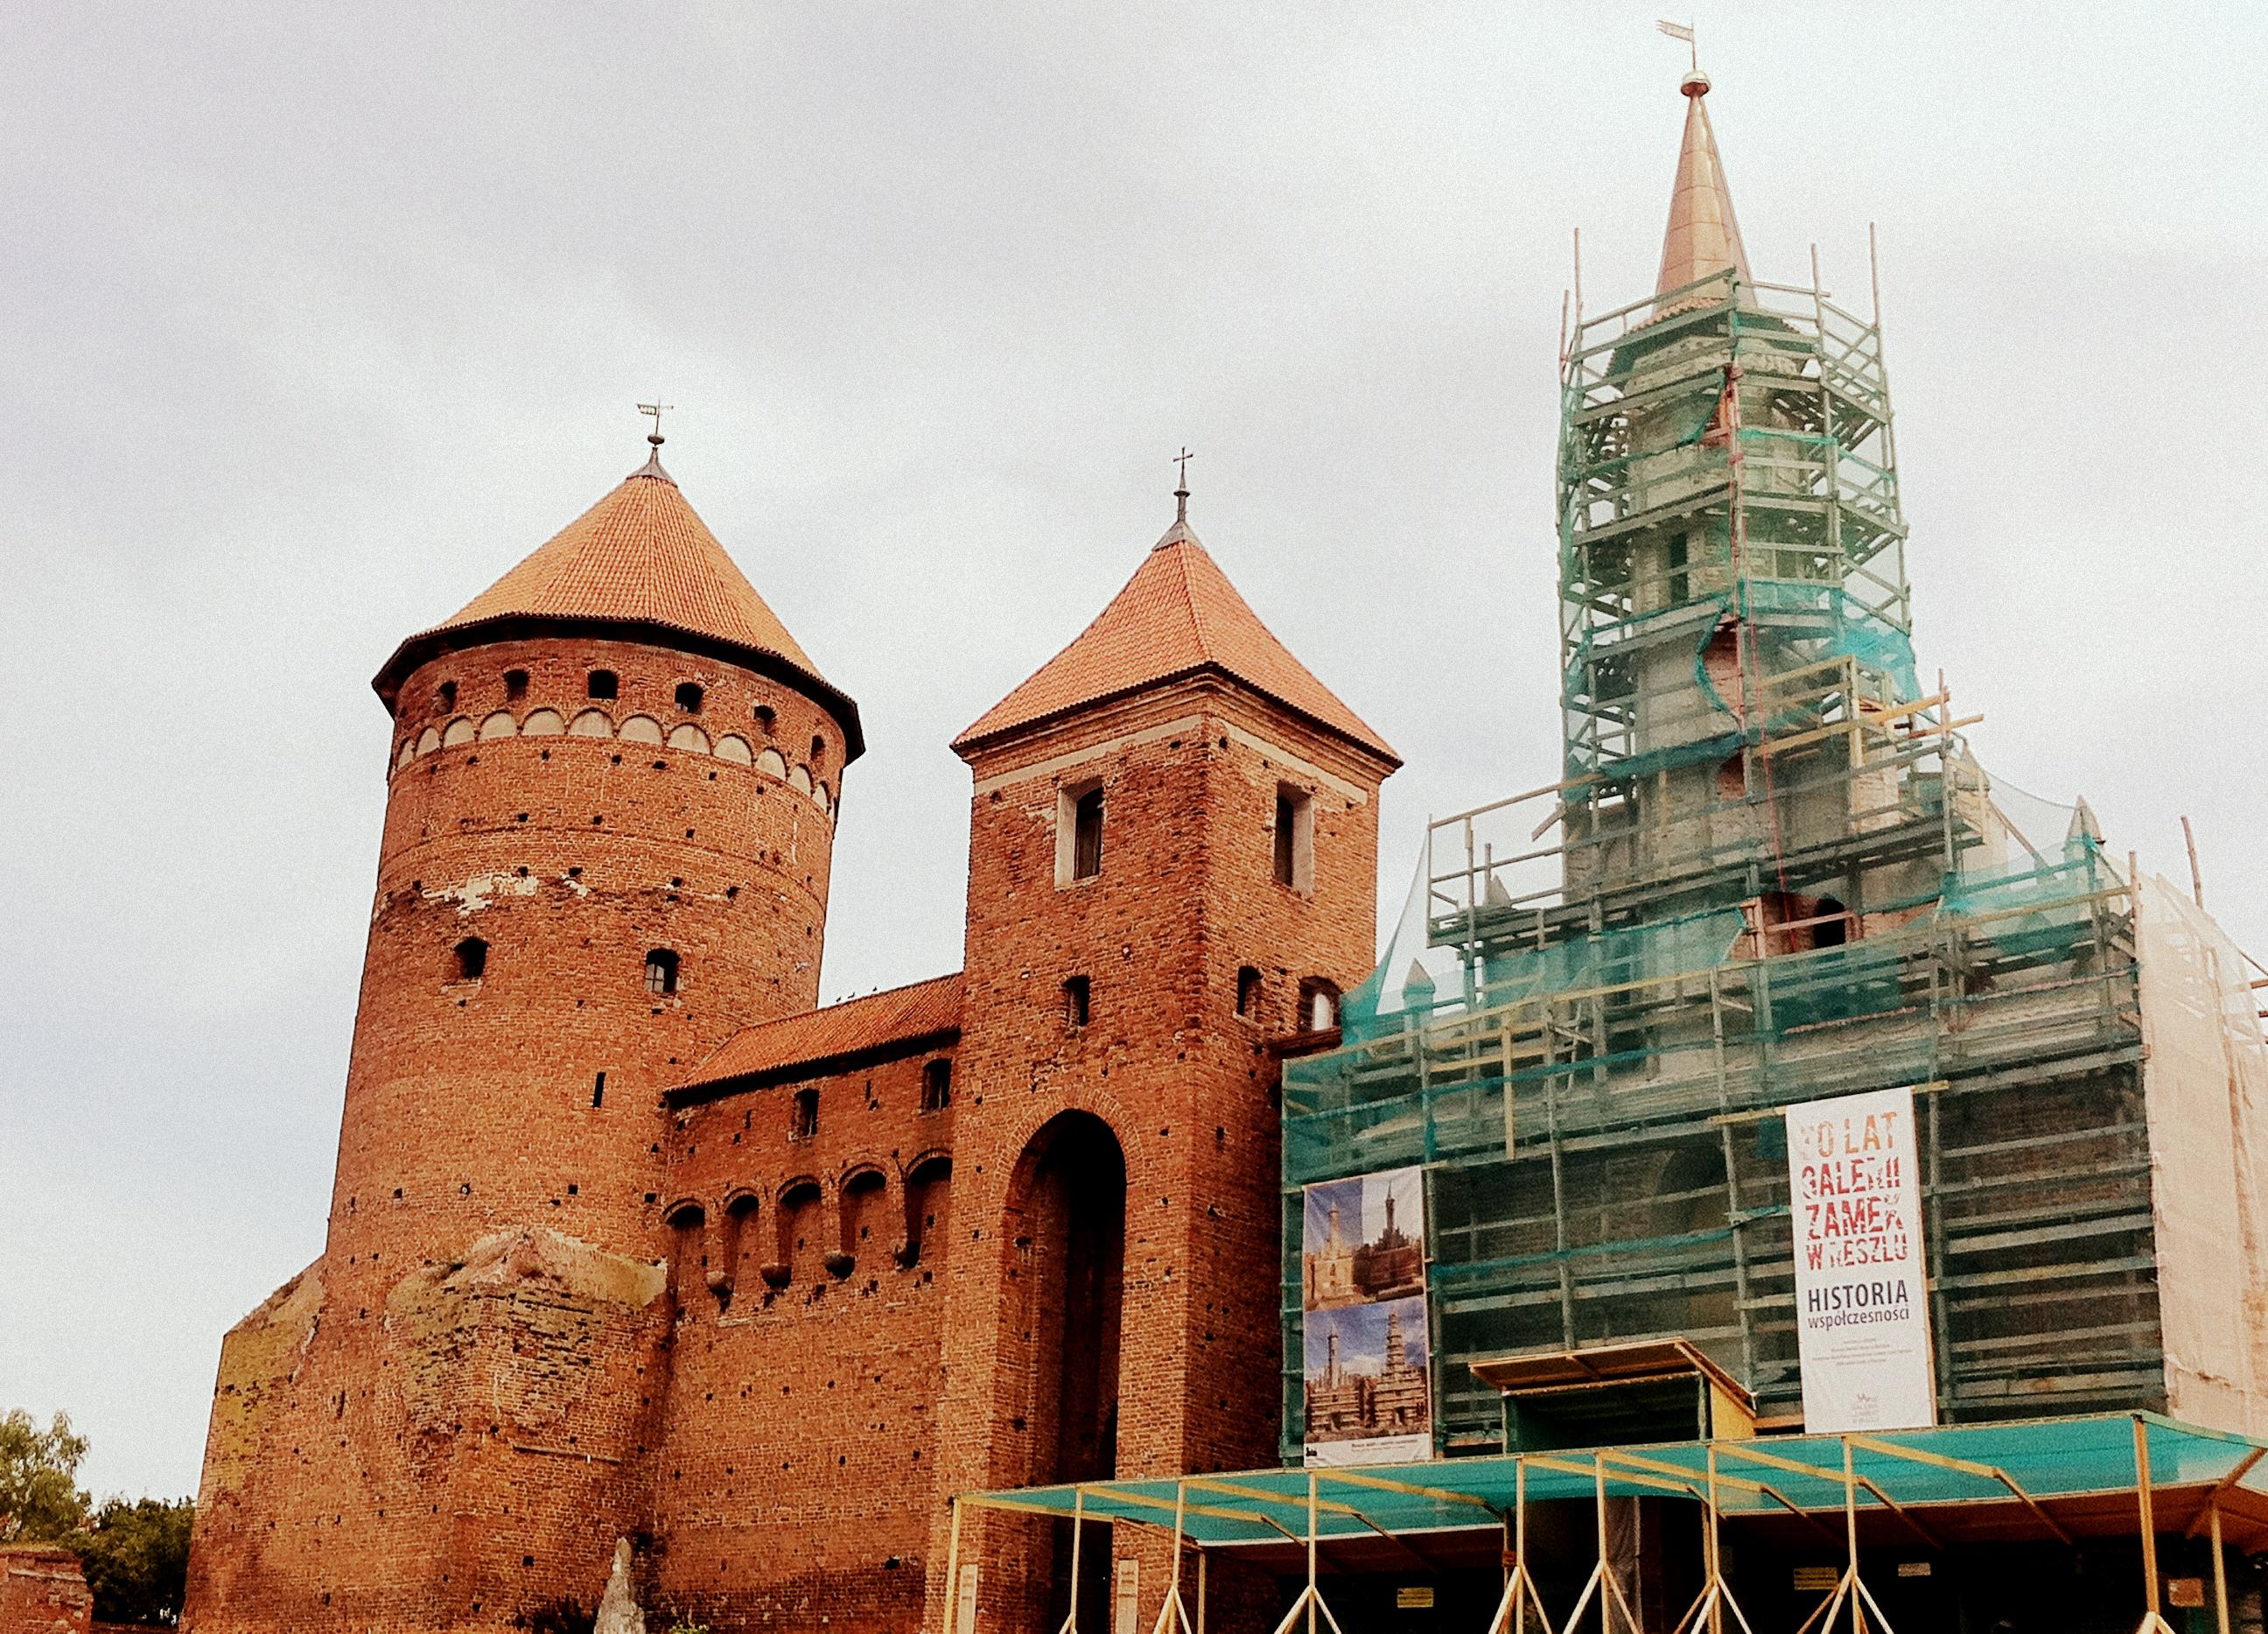 Zamek w Reszlu (fot. N. Grzeszczyk)